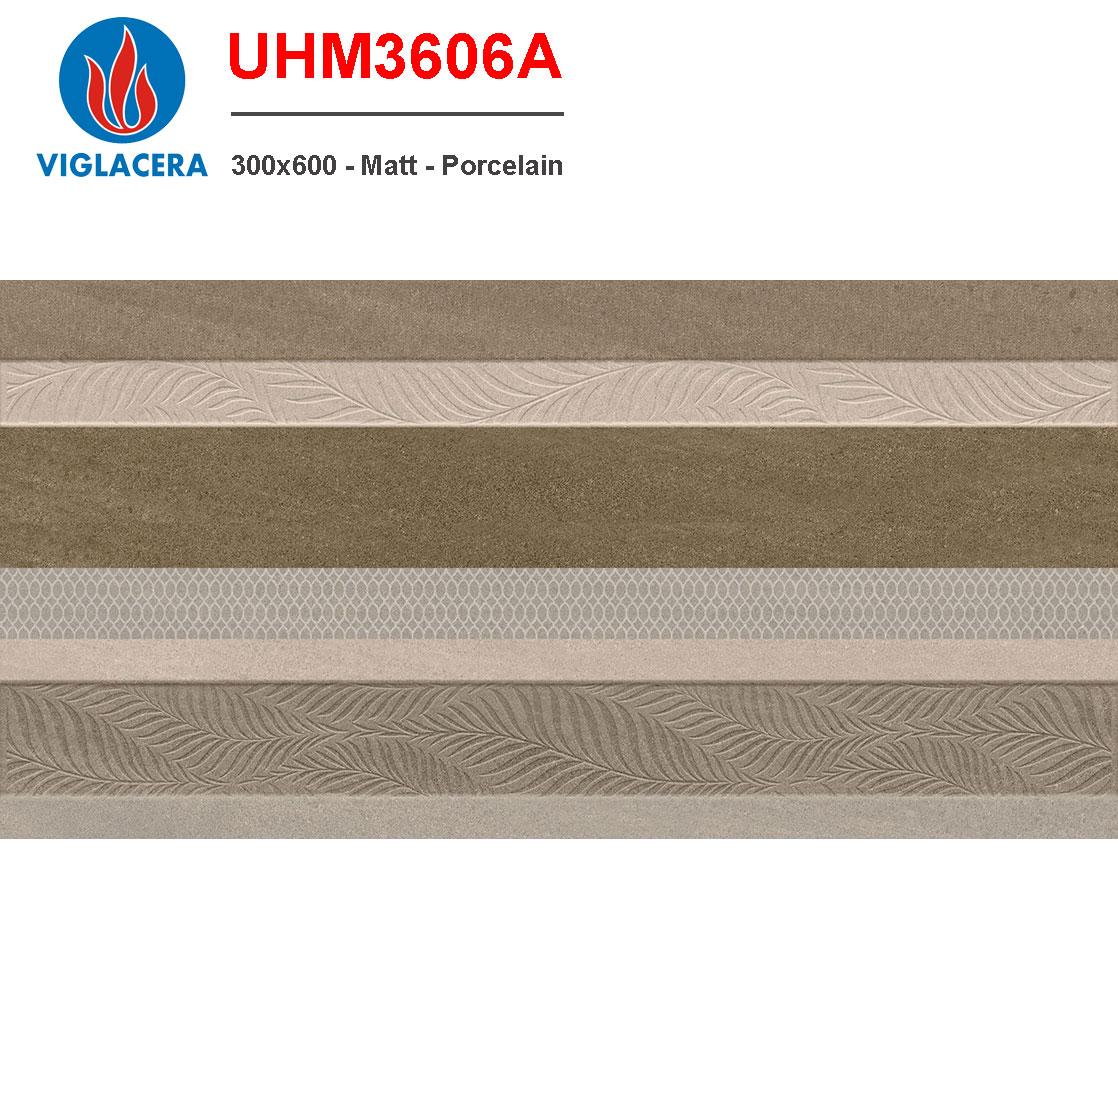 Gạch điểm Viglacera 300x600 UHM3606A giá rẻ